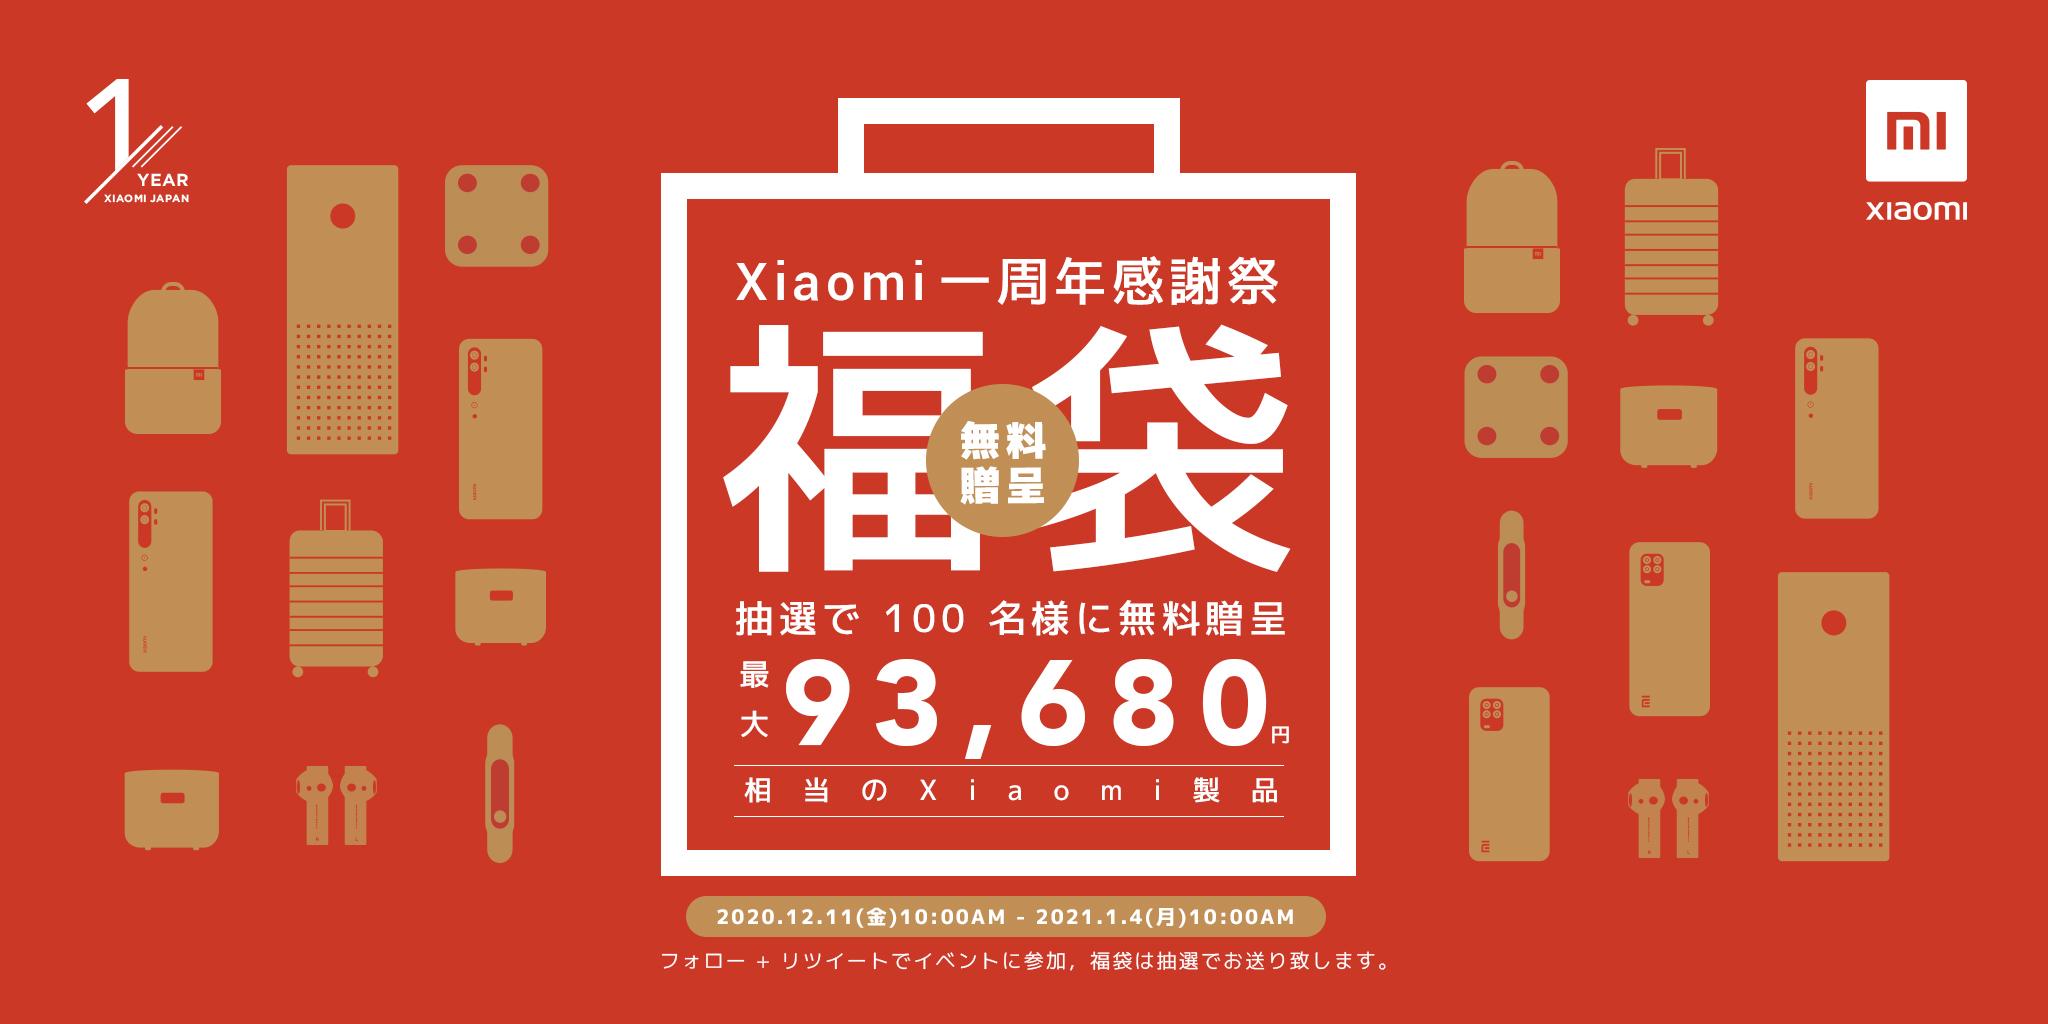 Xiaomi Japan